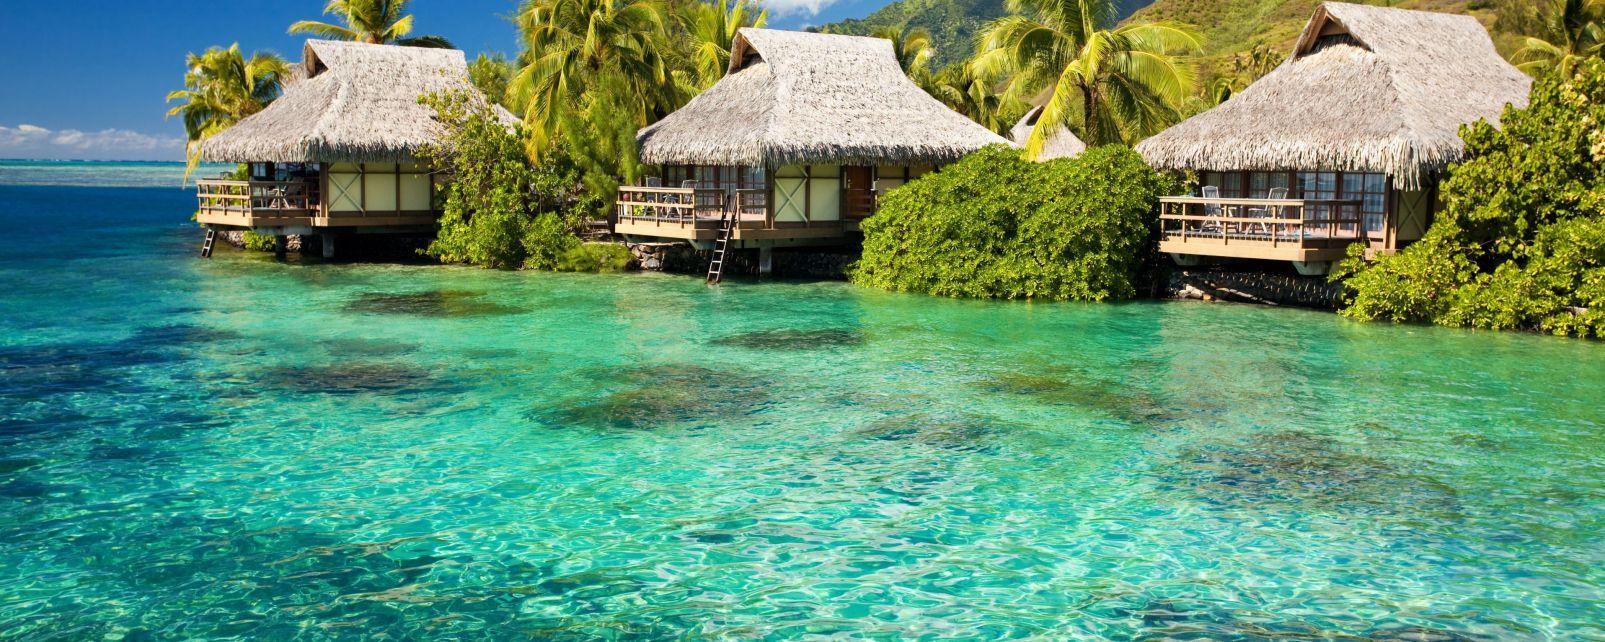 Atoll De Mal 233 Nord L 238 Le De Kanifinolhu Maldives